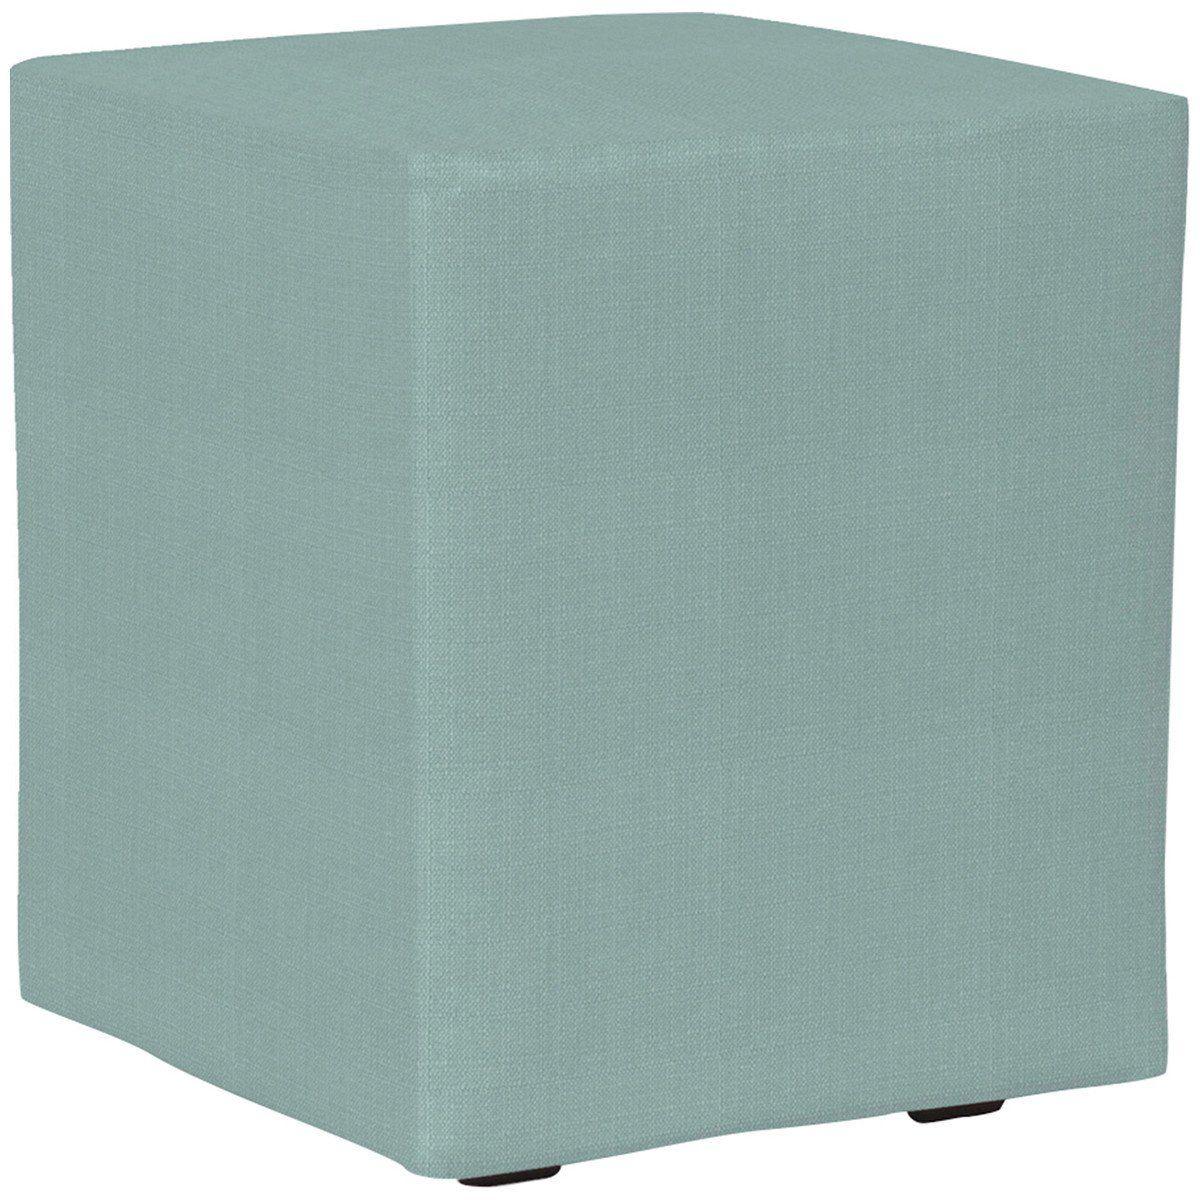 Howard Elliott Sterling Universal Cube Cover Cube